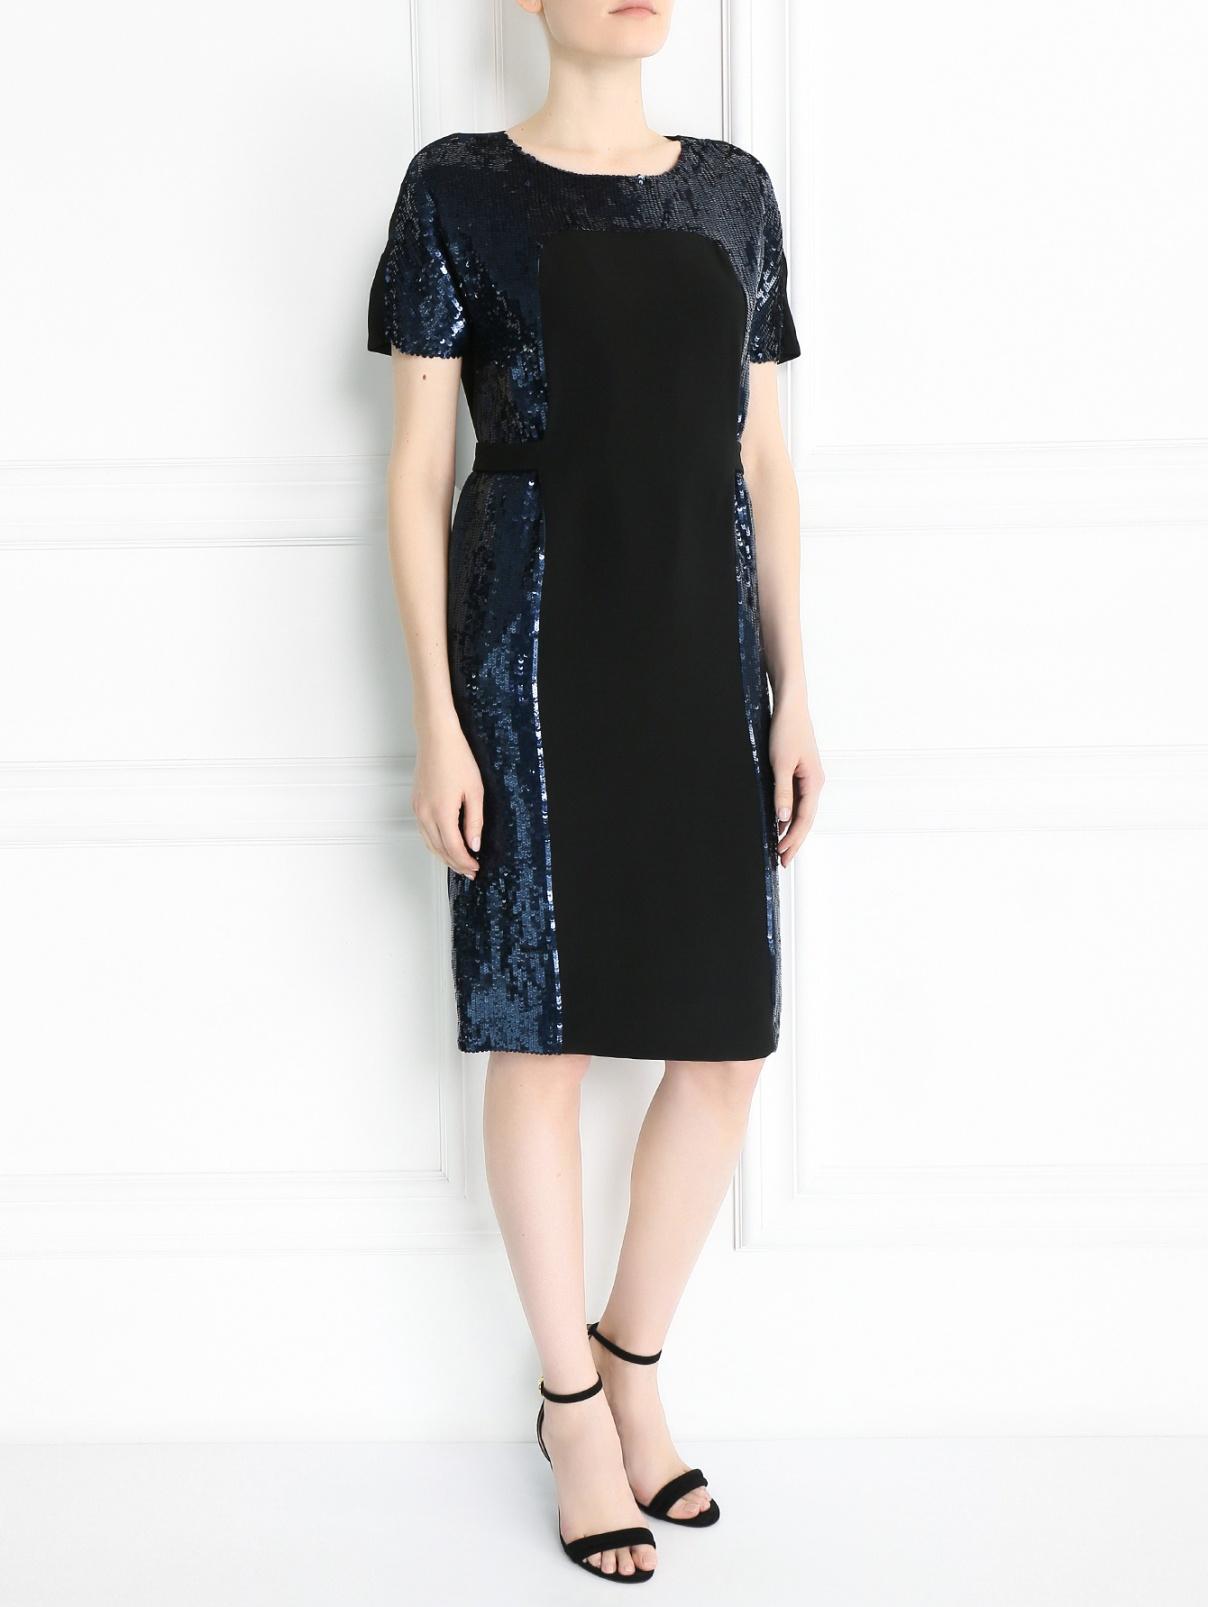 Платье-миди из шелка декорированное пайетками Yves Salomon  –  Модель Общий вид